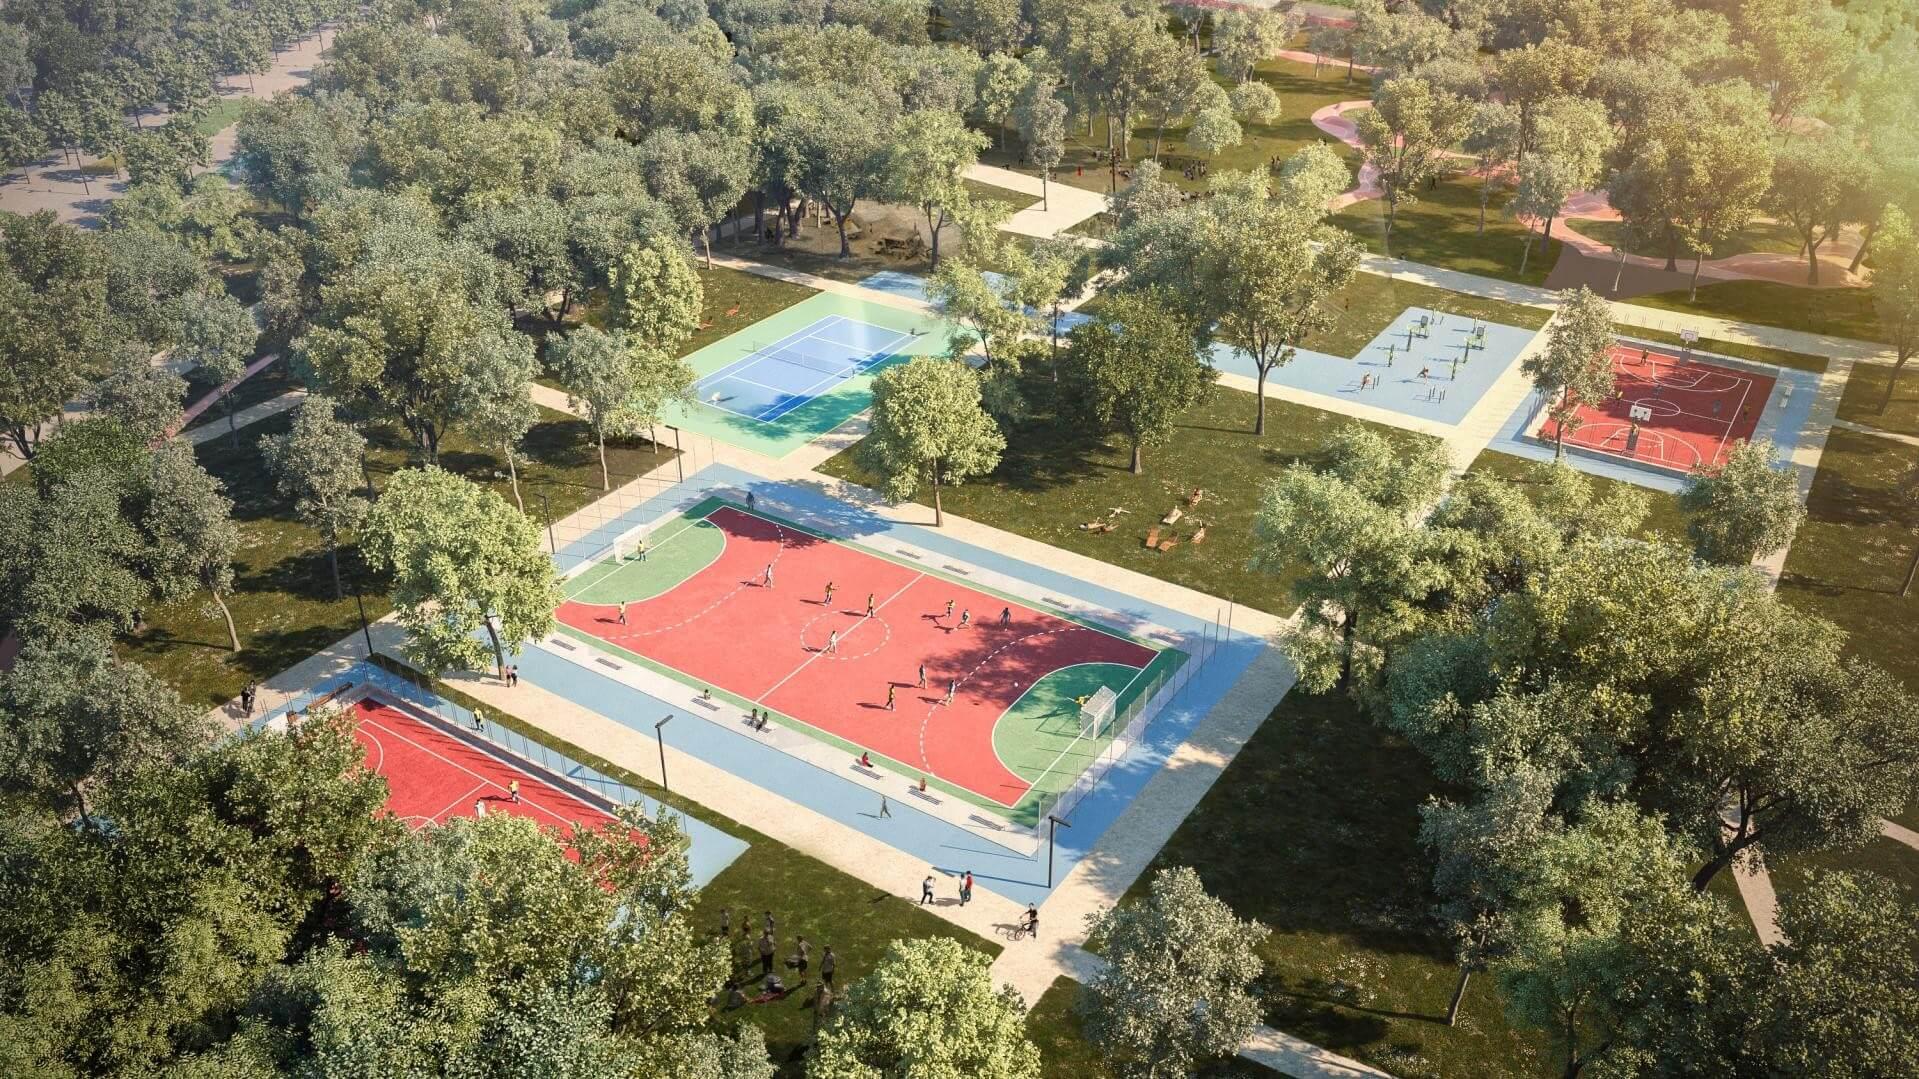 Már október végén elkezdődhet a városligeti parkrehabilitáció